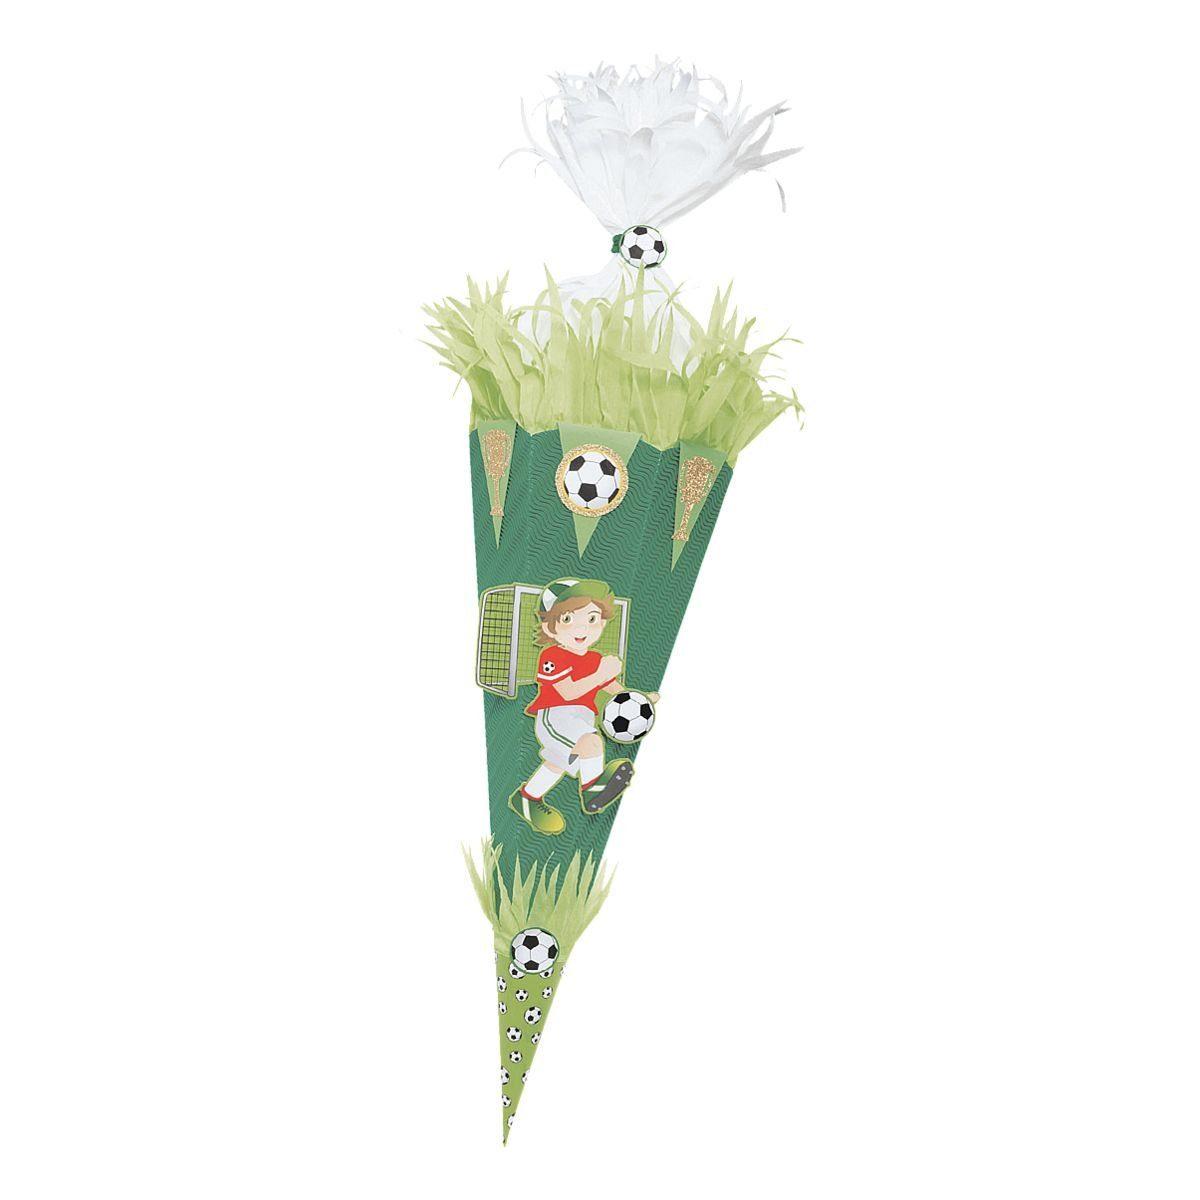 Folia Schultüten-Bastelset »Fußballer«